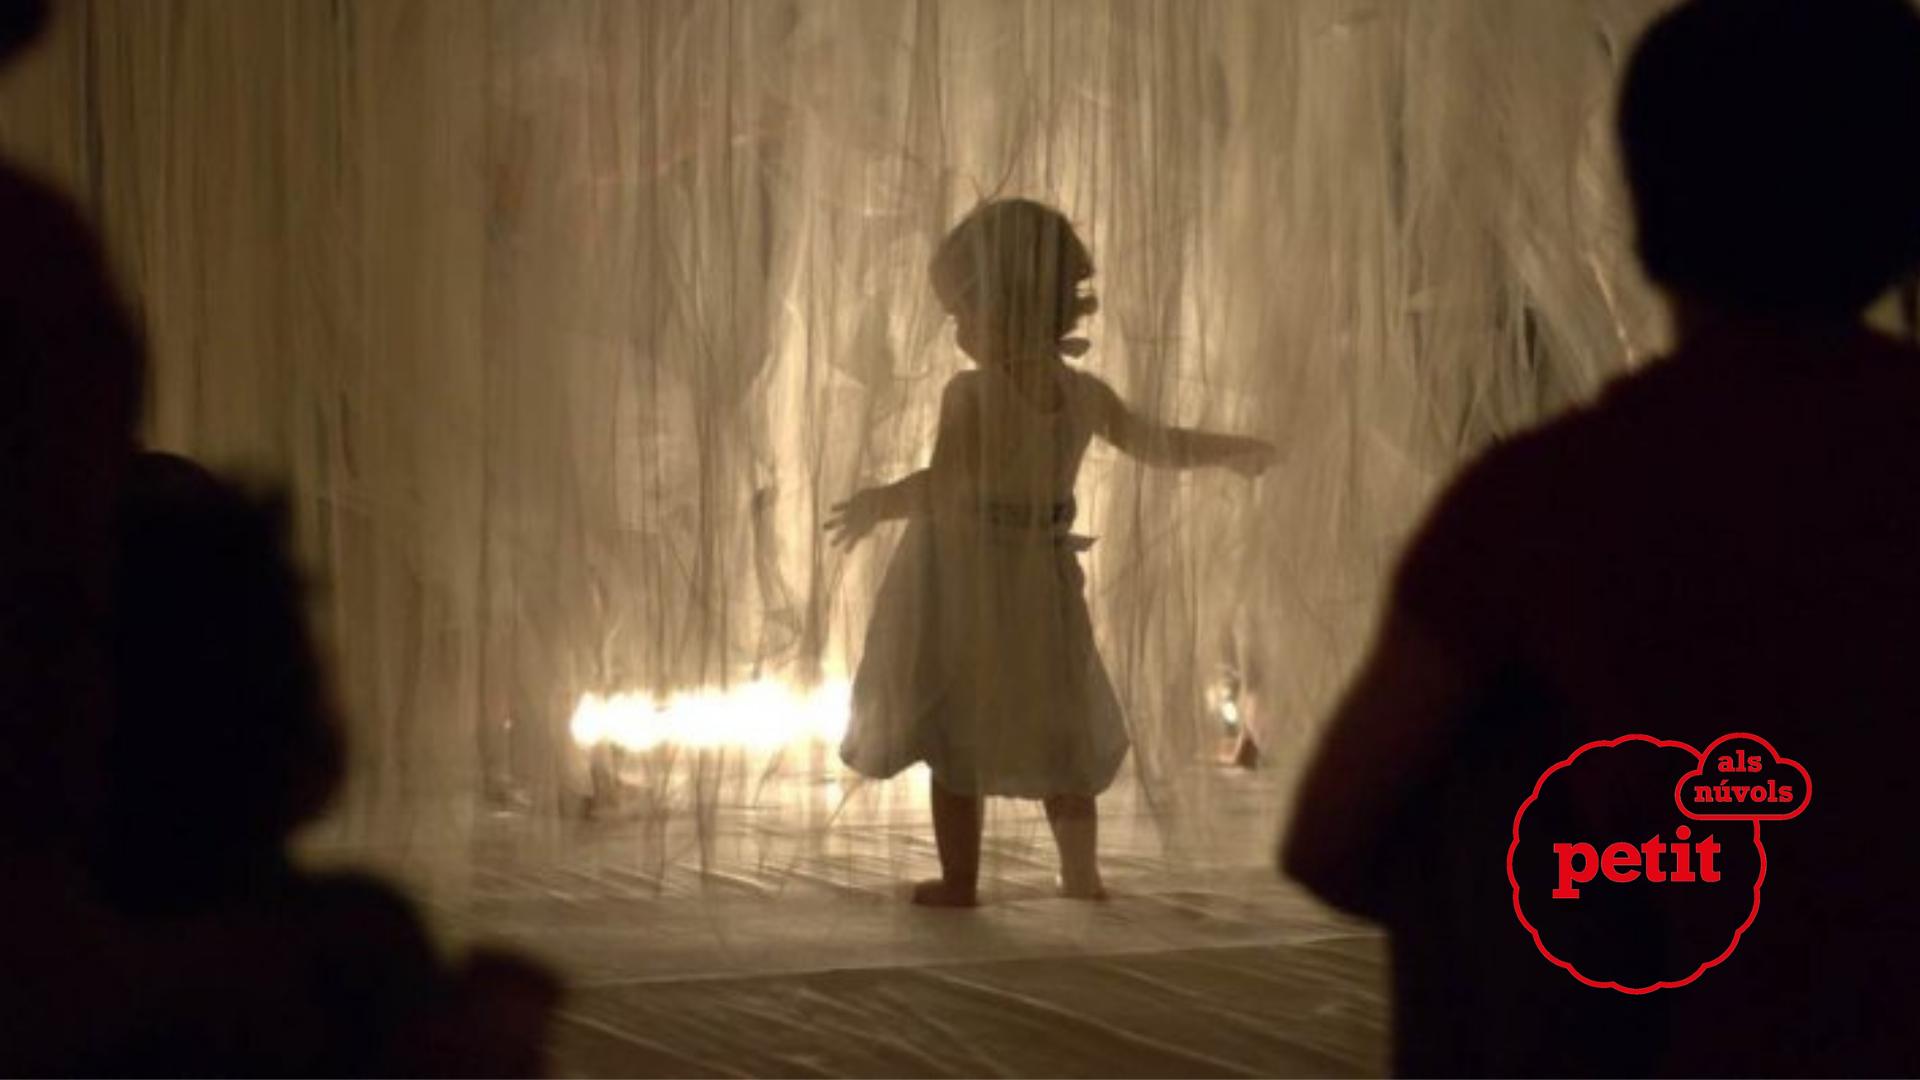 (re)pensant les arts per a la primera infància amb Dalija Acin